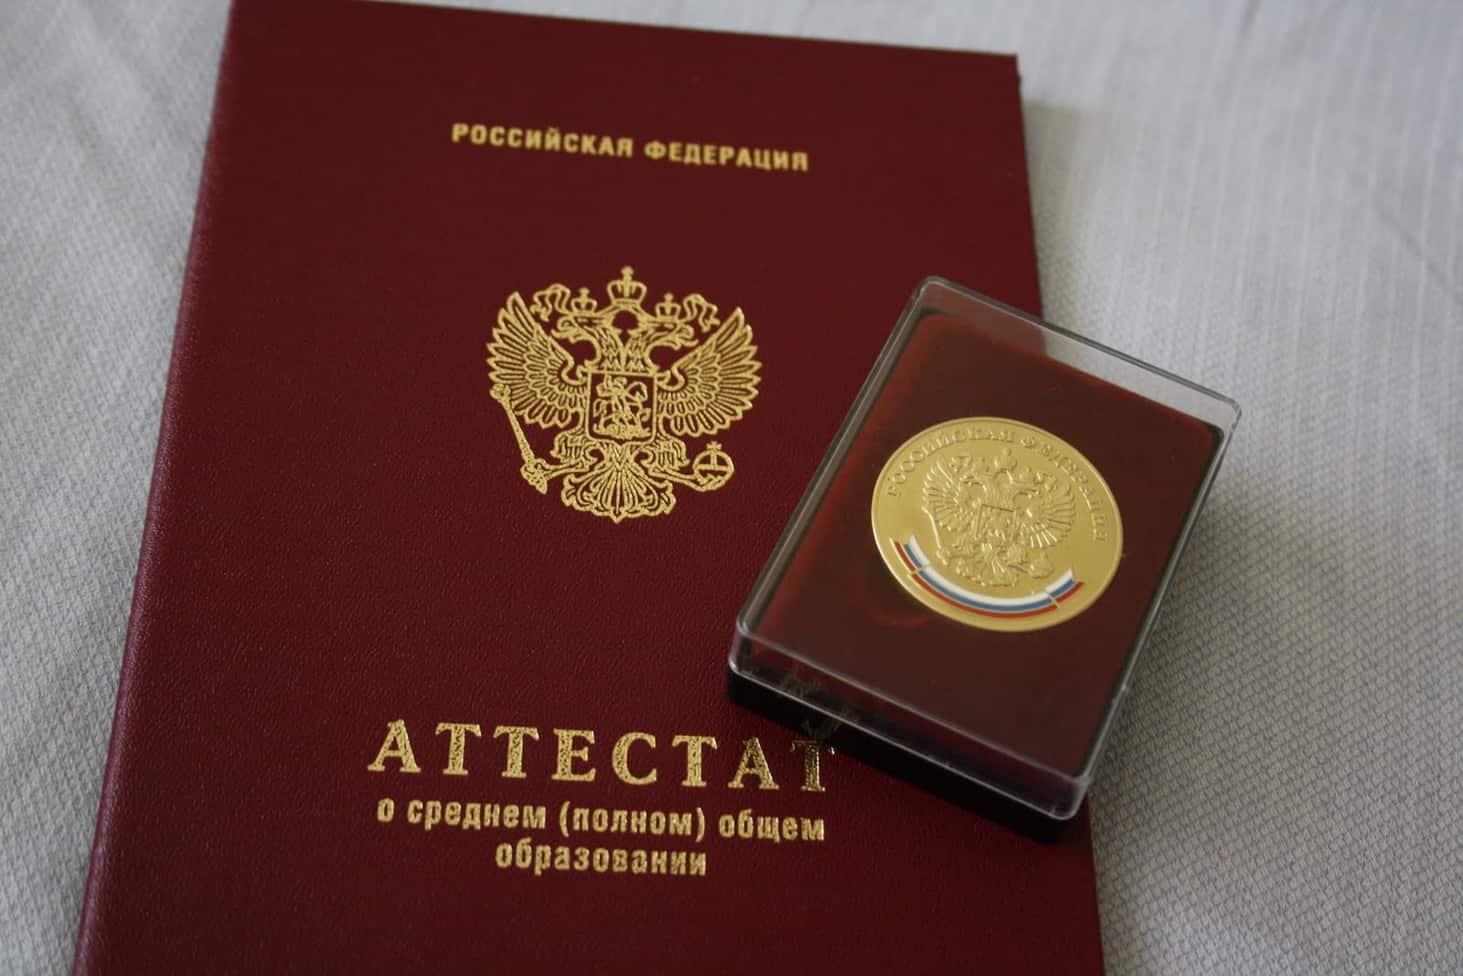 v-rossii-vstupaet-v-silu-novyj-poryadok-zapolneniya-i-vydachi-attestatov